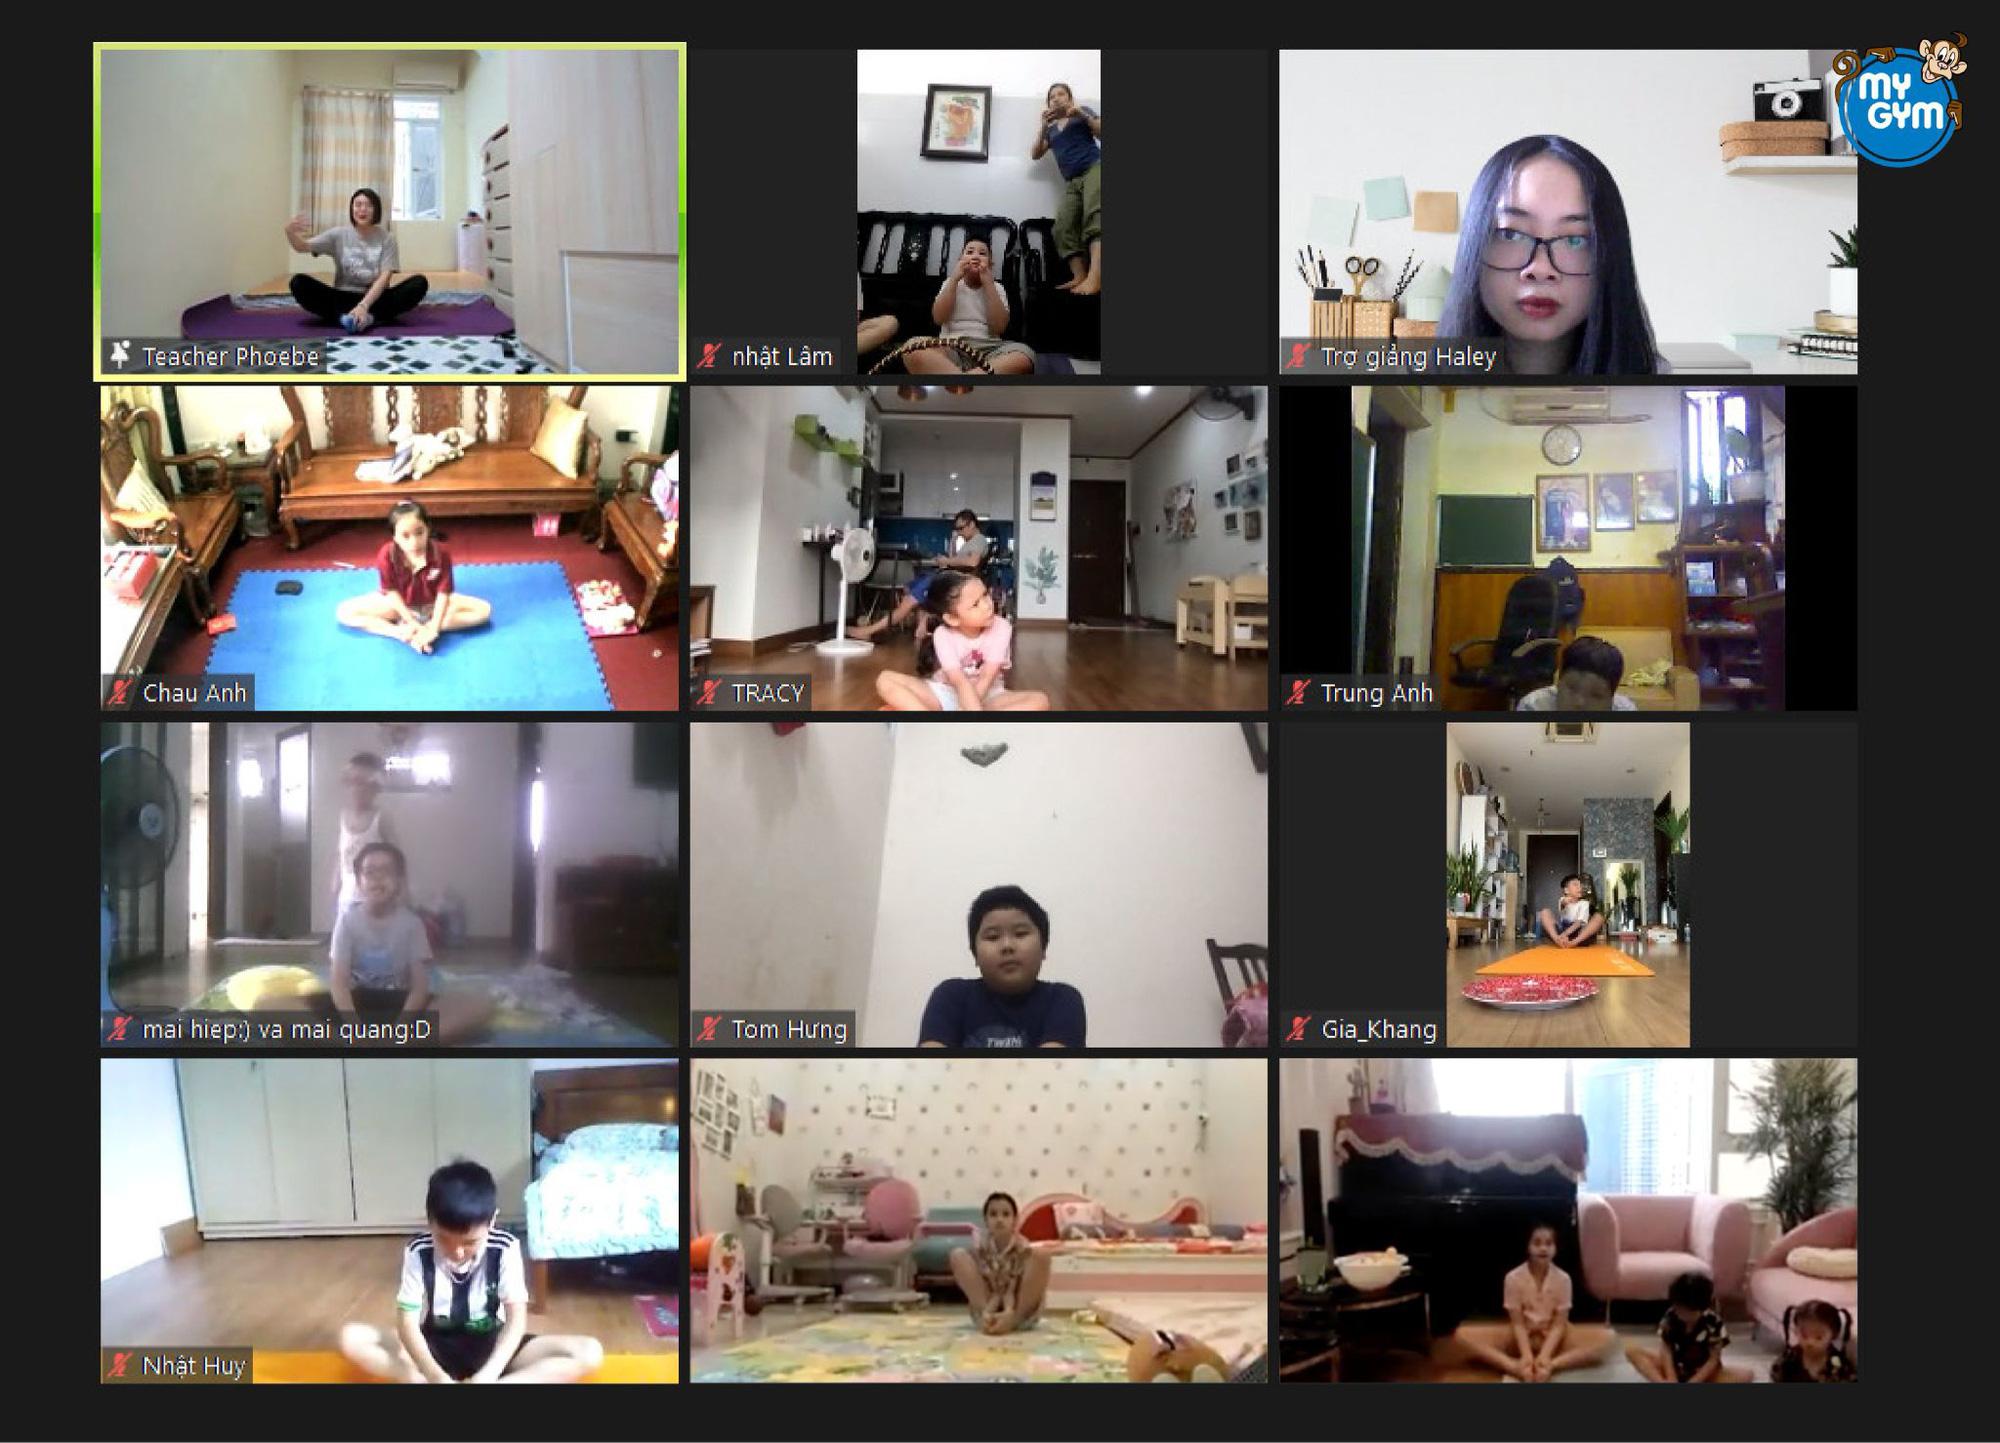 Ra mắt khóa học Gym Online cho trẻ Việt Nam, giáo trình tương tự trẻ em Mỹ - Ảnh 3.